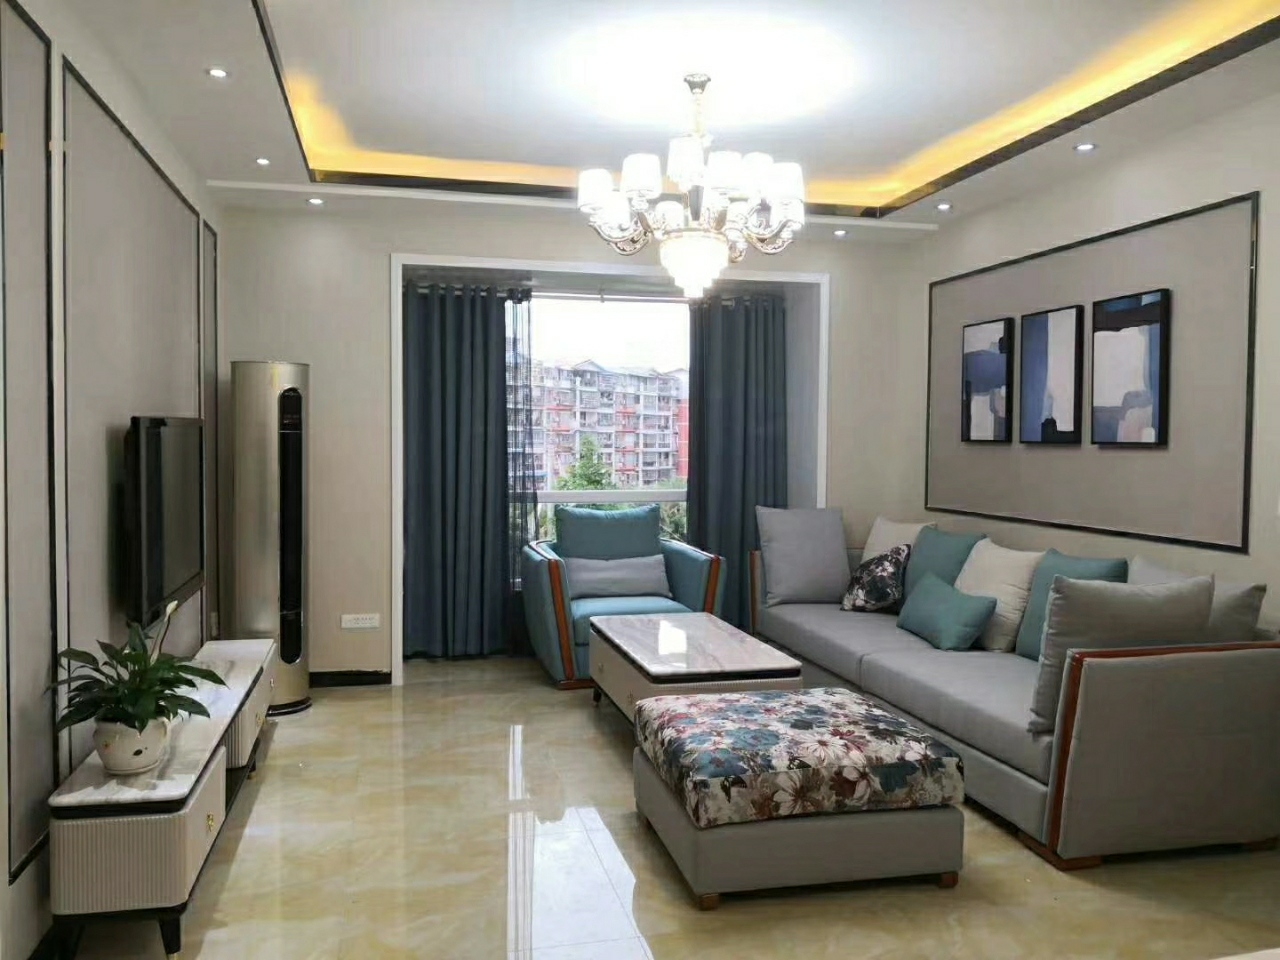 泽达未来国际4室 2厅 2卫96.8万元